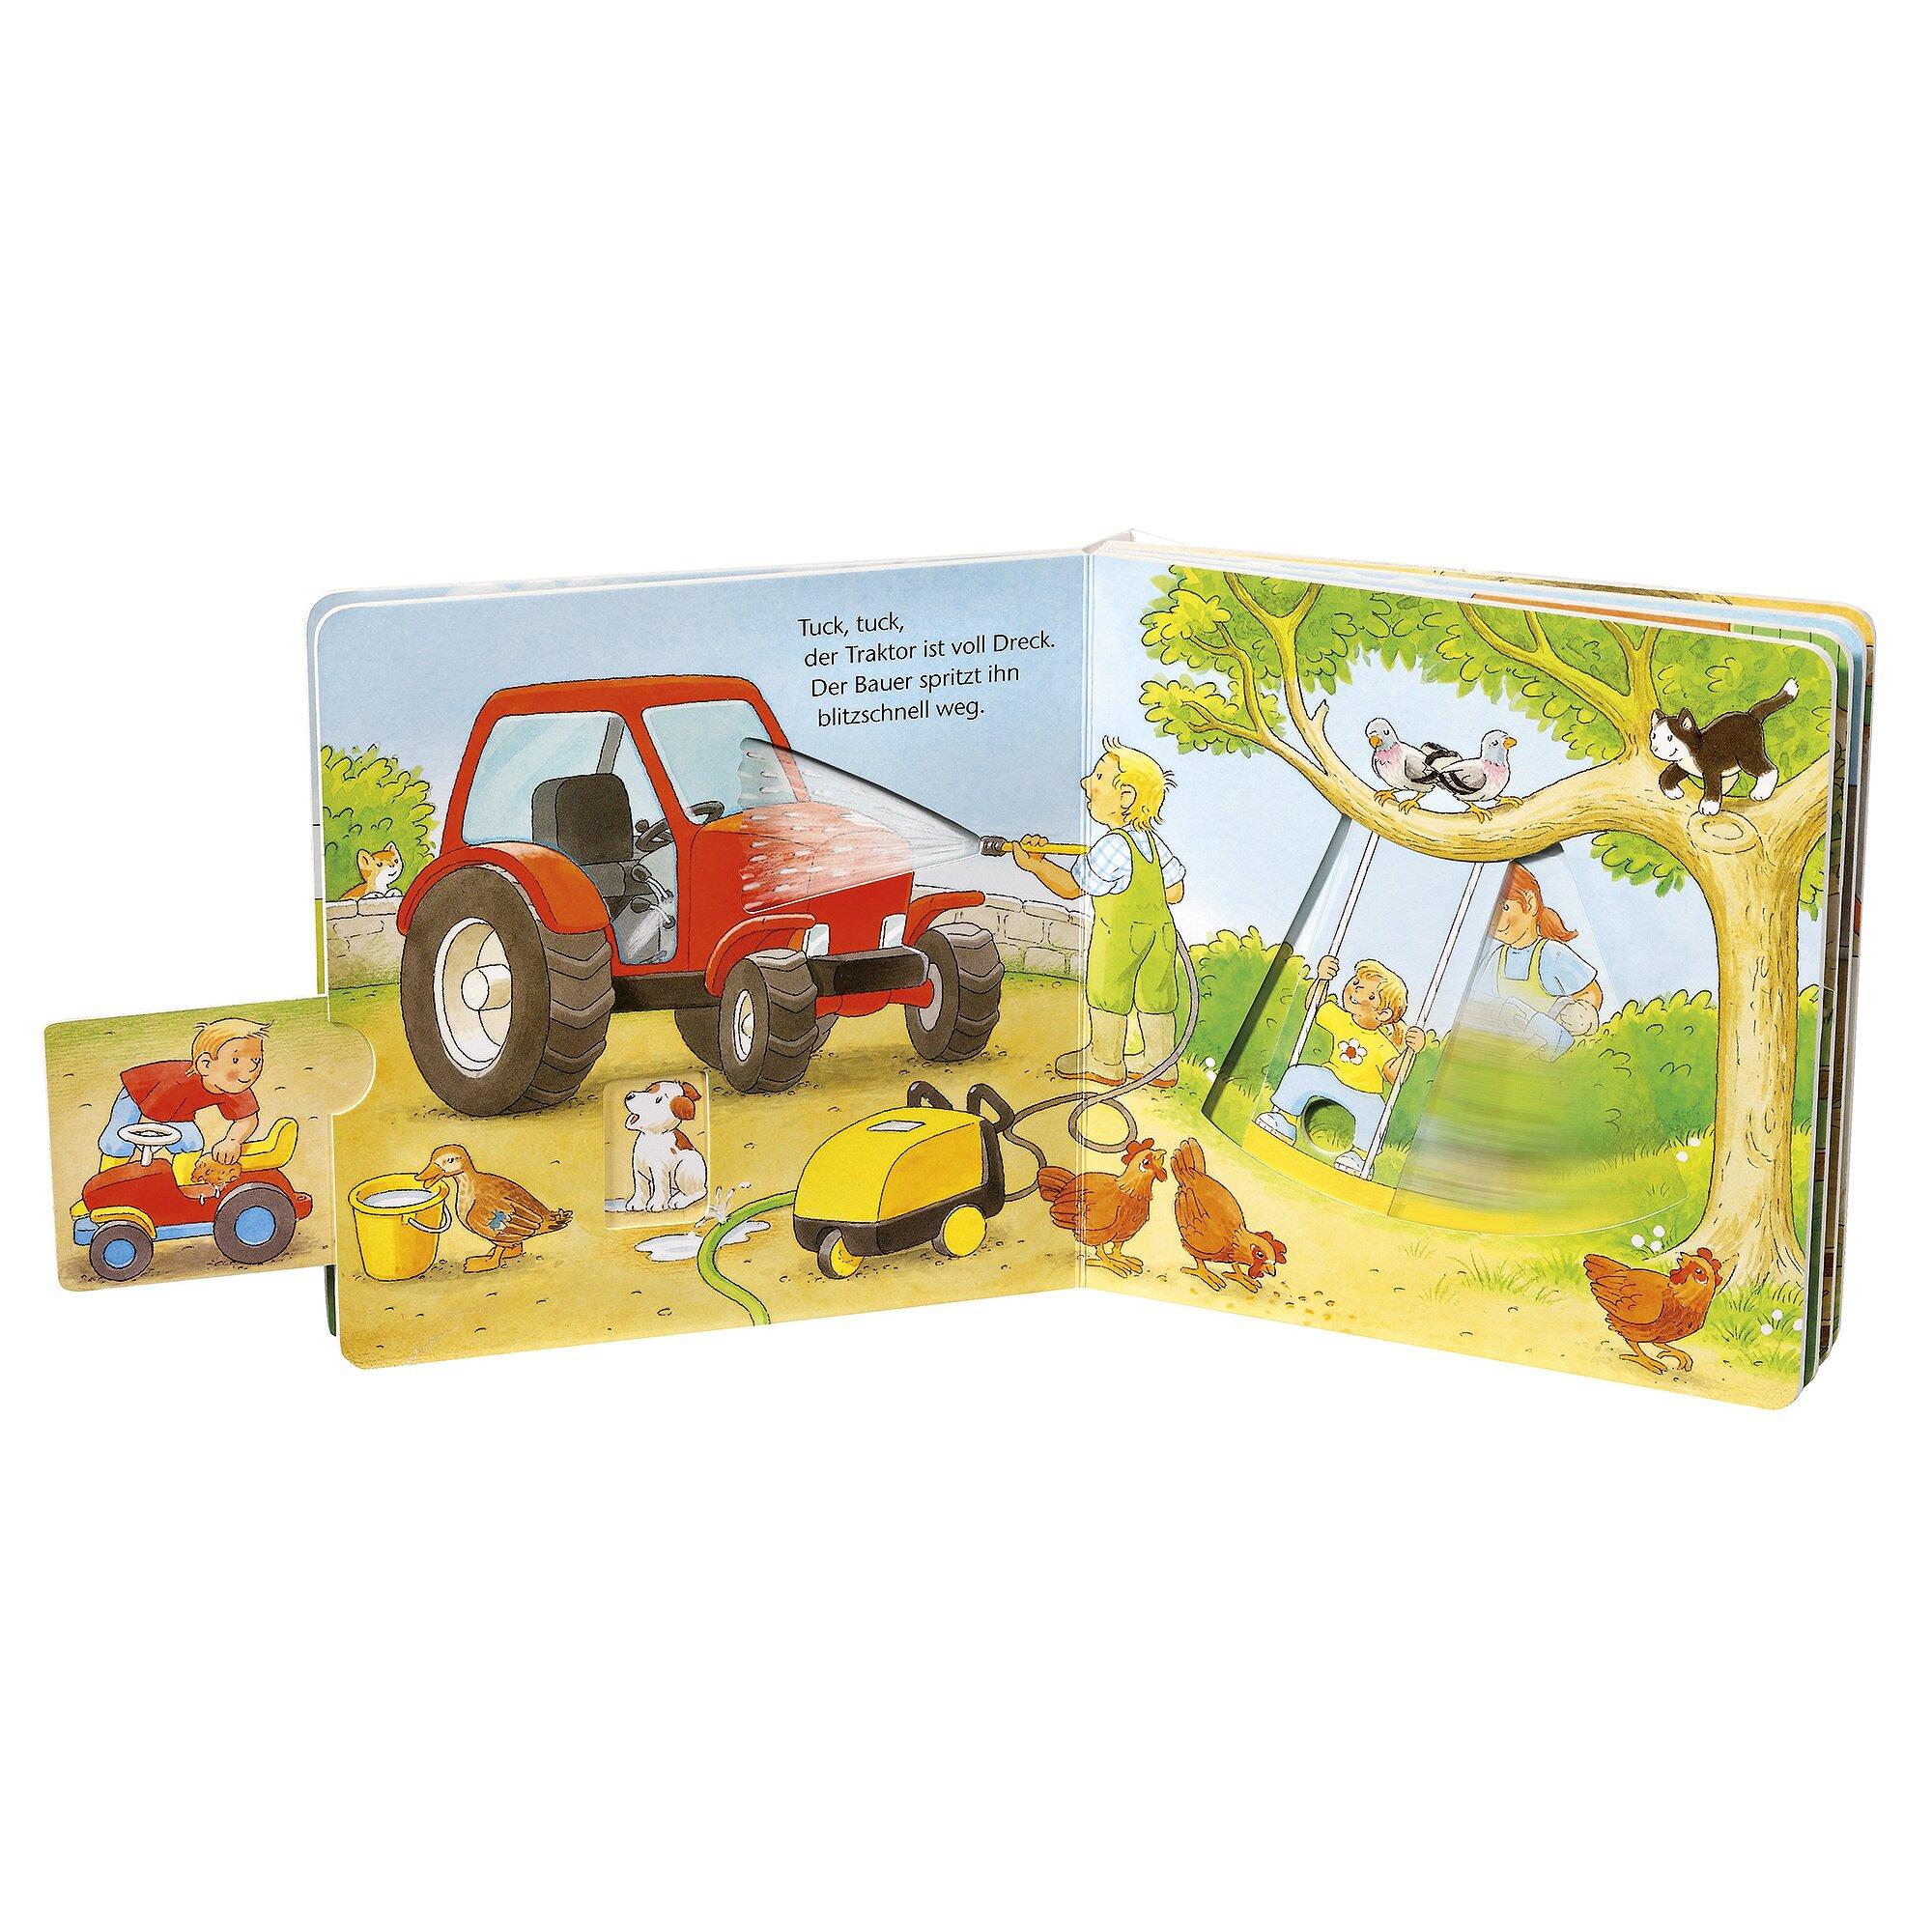 ministeps-pappbilderbuch-tuck-tuck-mein-traktor-